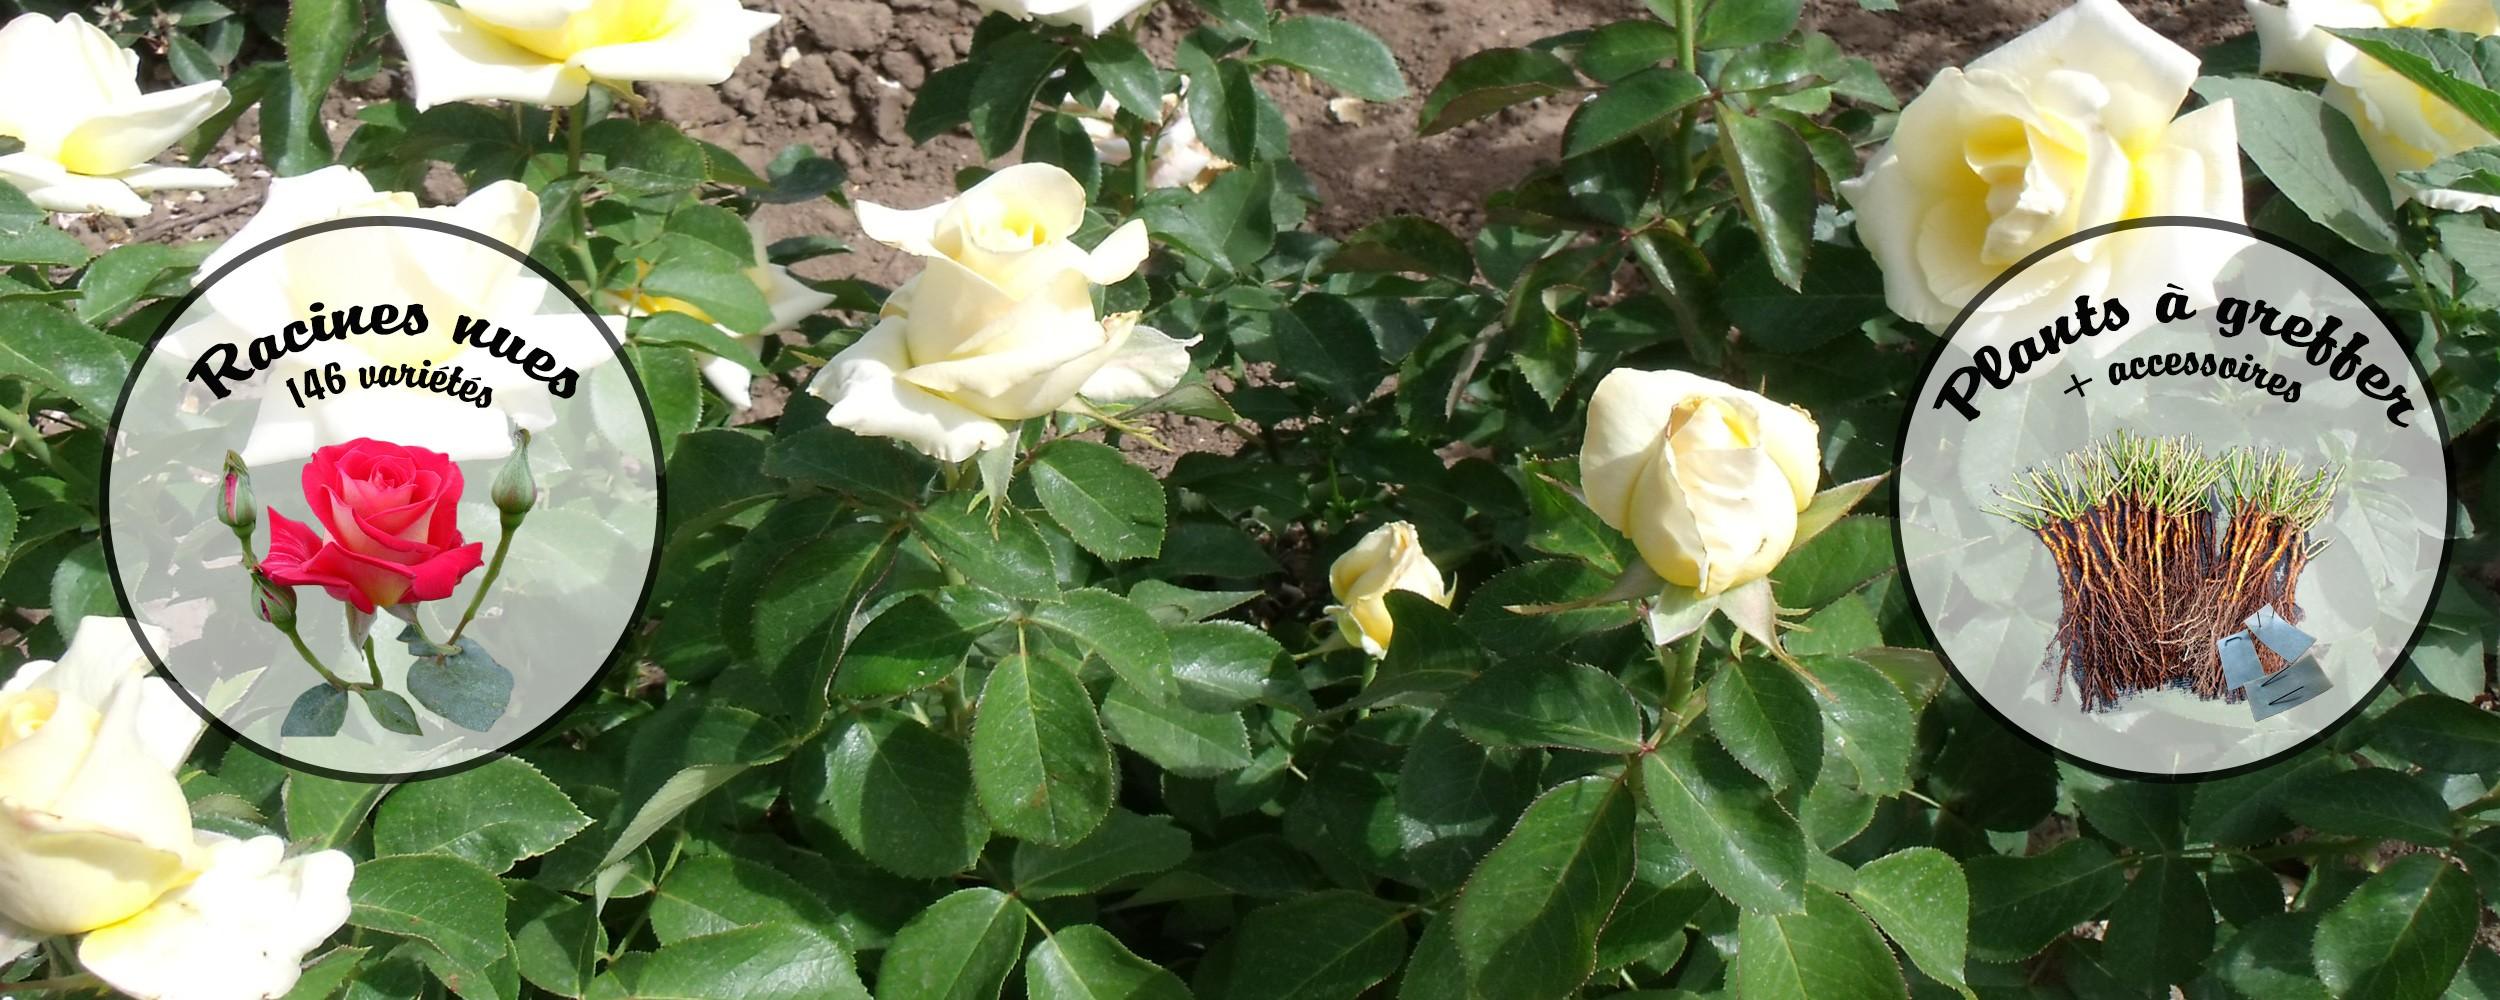 Les rosiers à racines nues sont en vente actuellement !